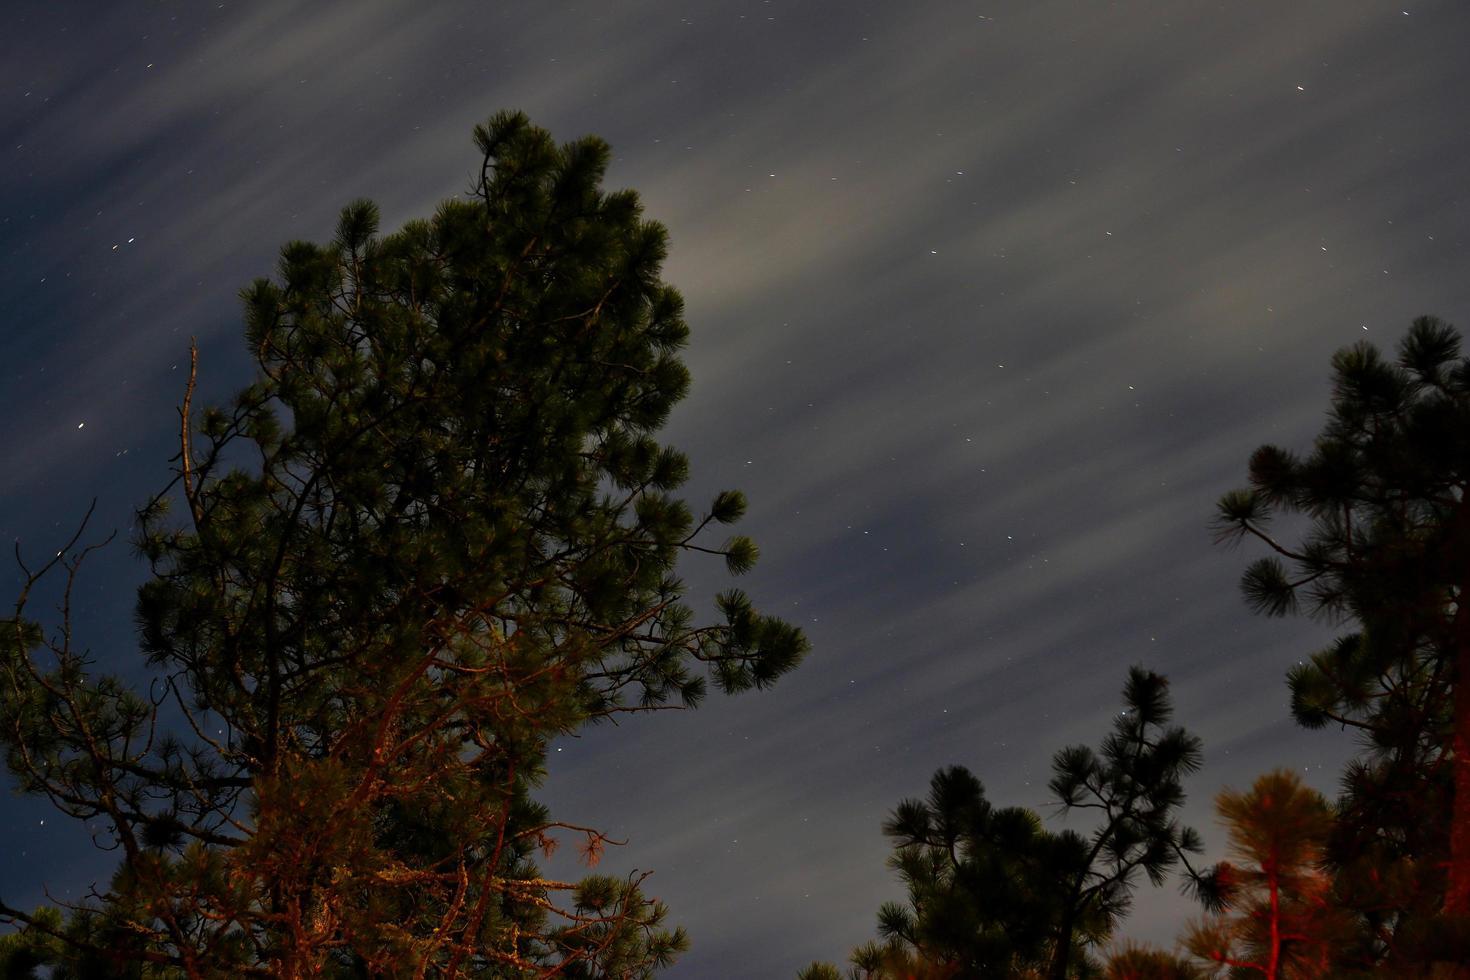 longue exposition du ciel nocturne avec arbre en premier plan photo